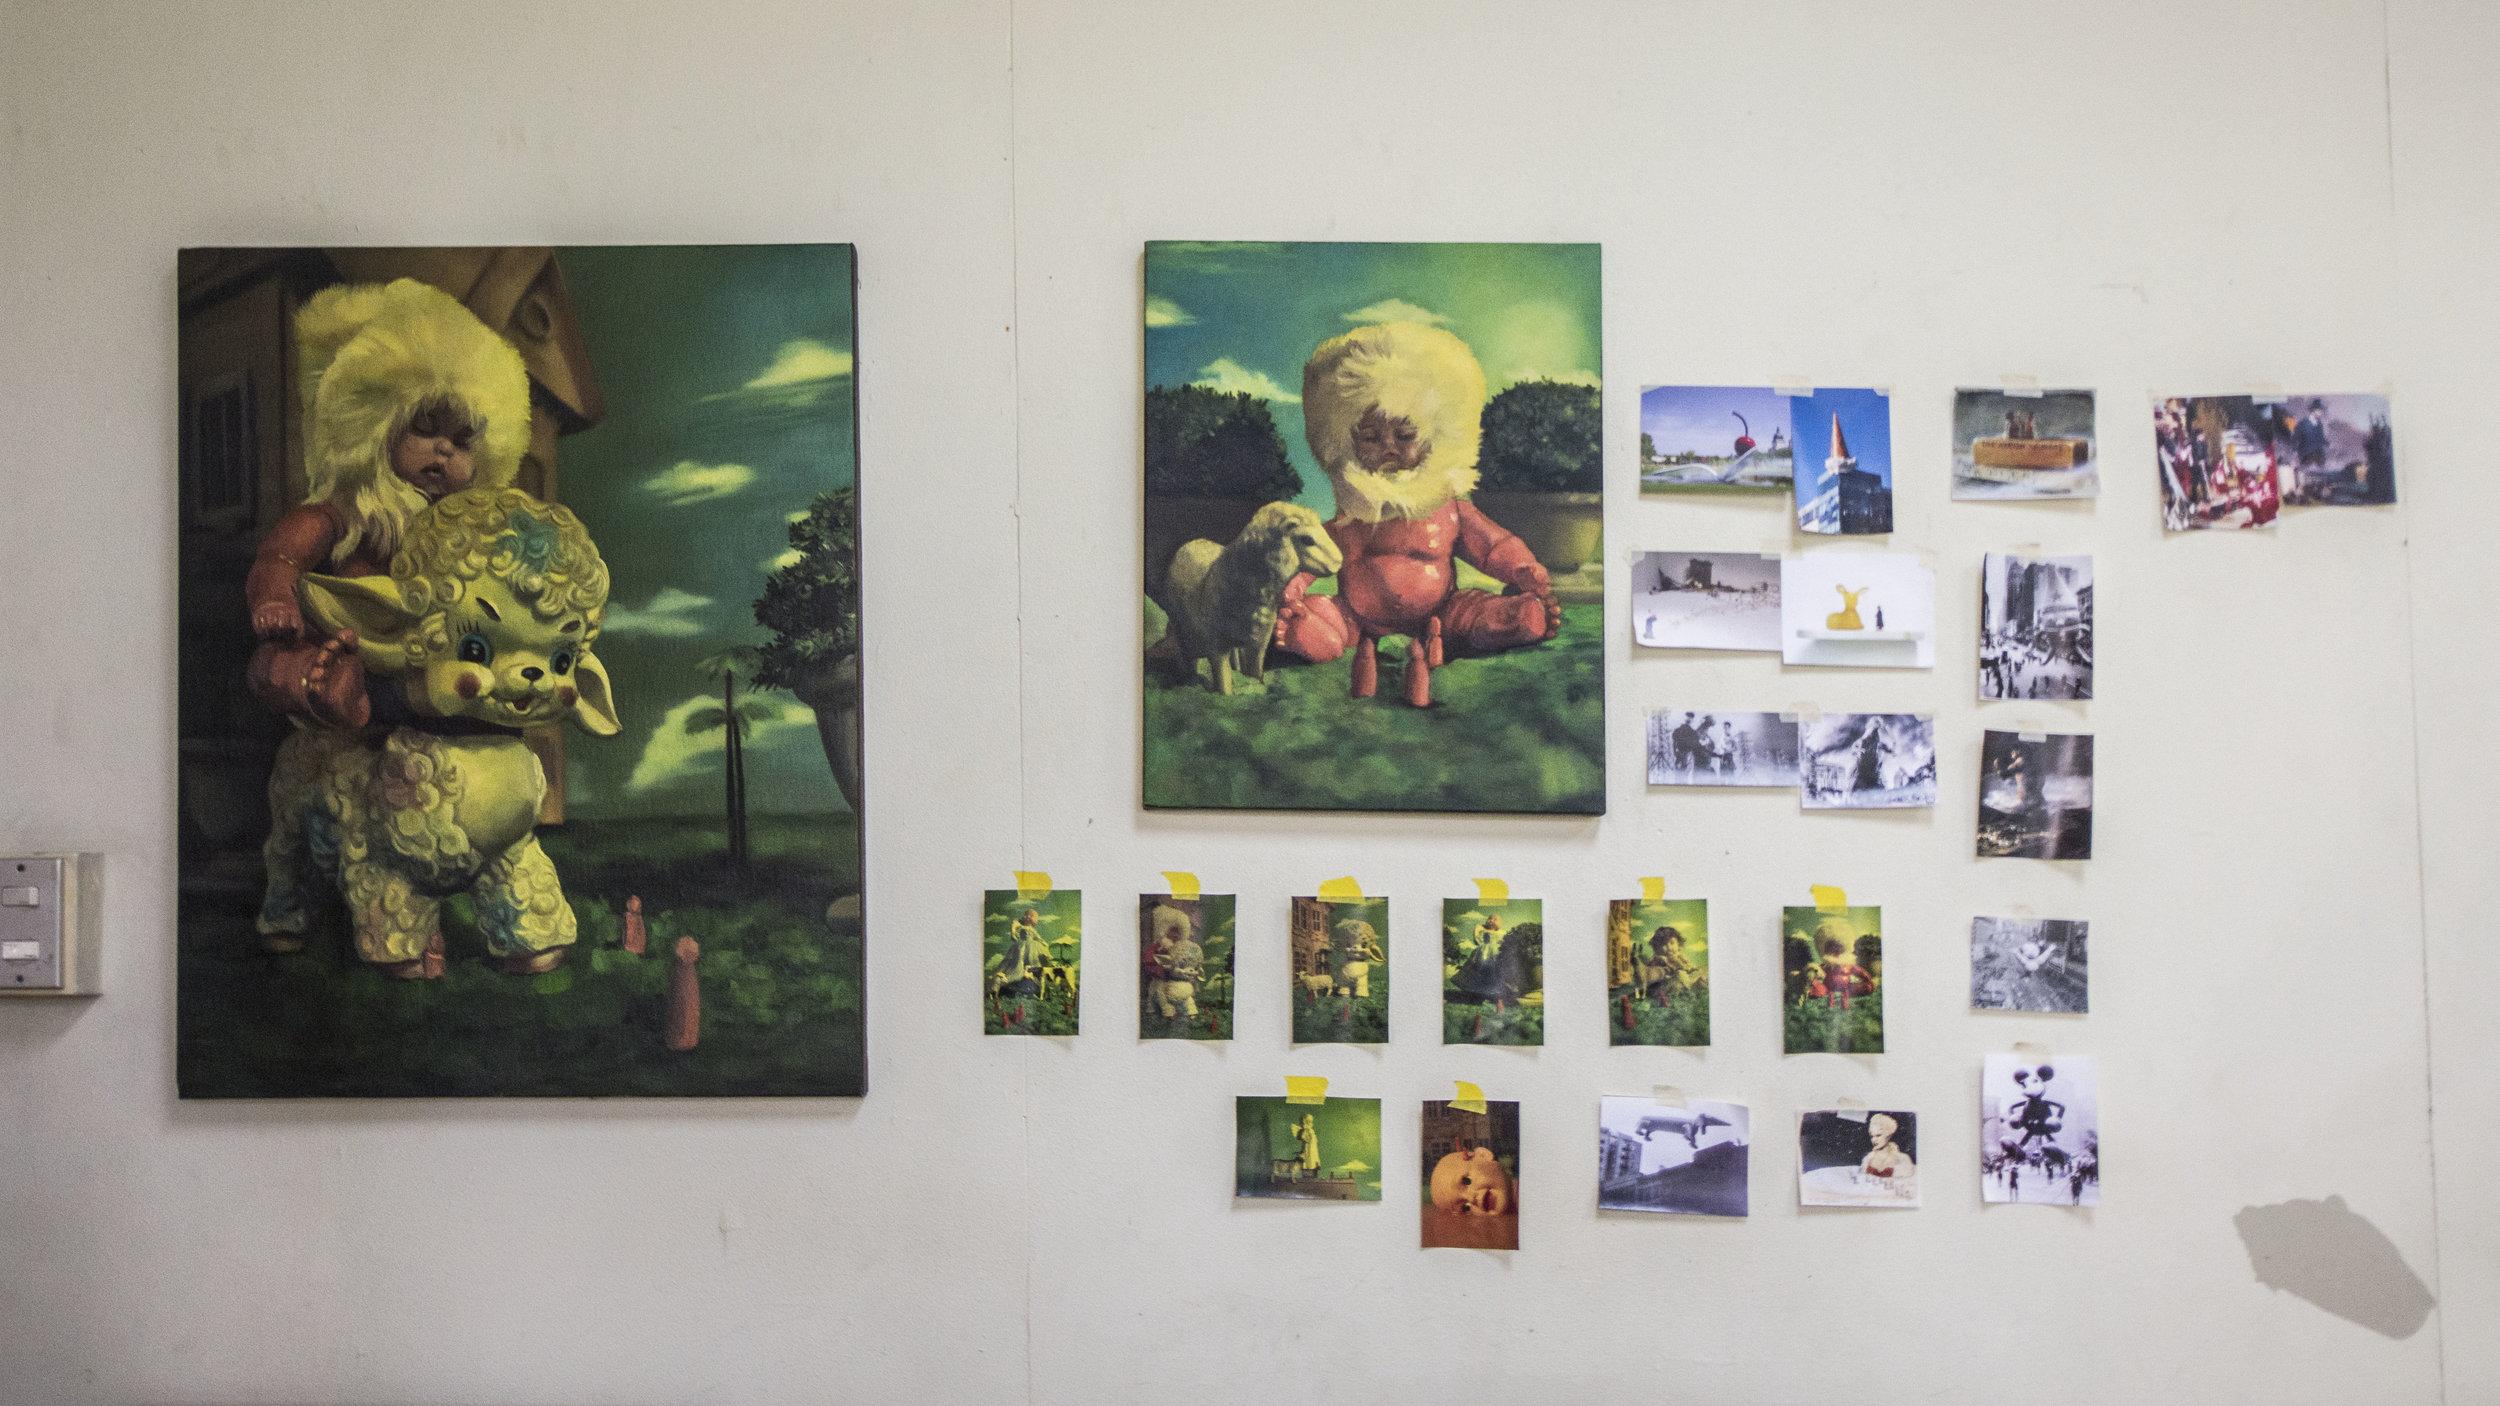 espacio de trabajo de    luis jose villalobos      imagen cortesía de    adriana araya